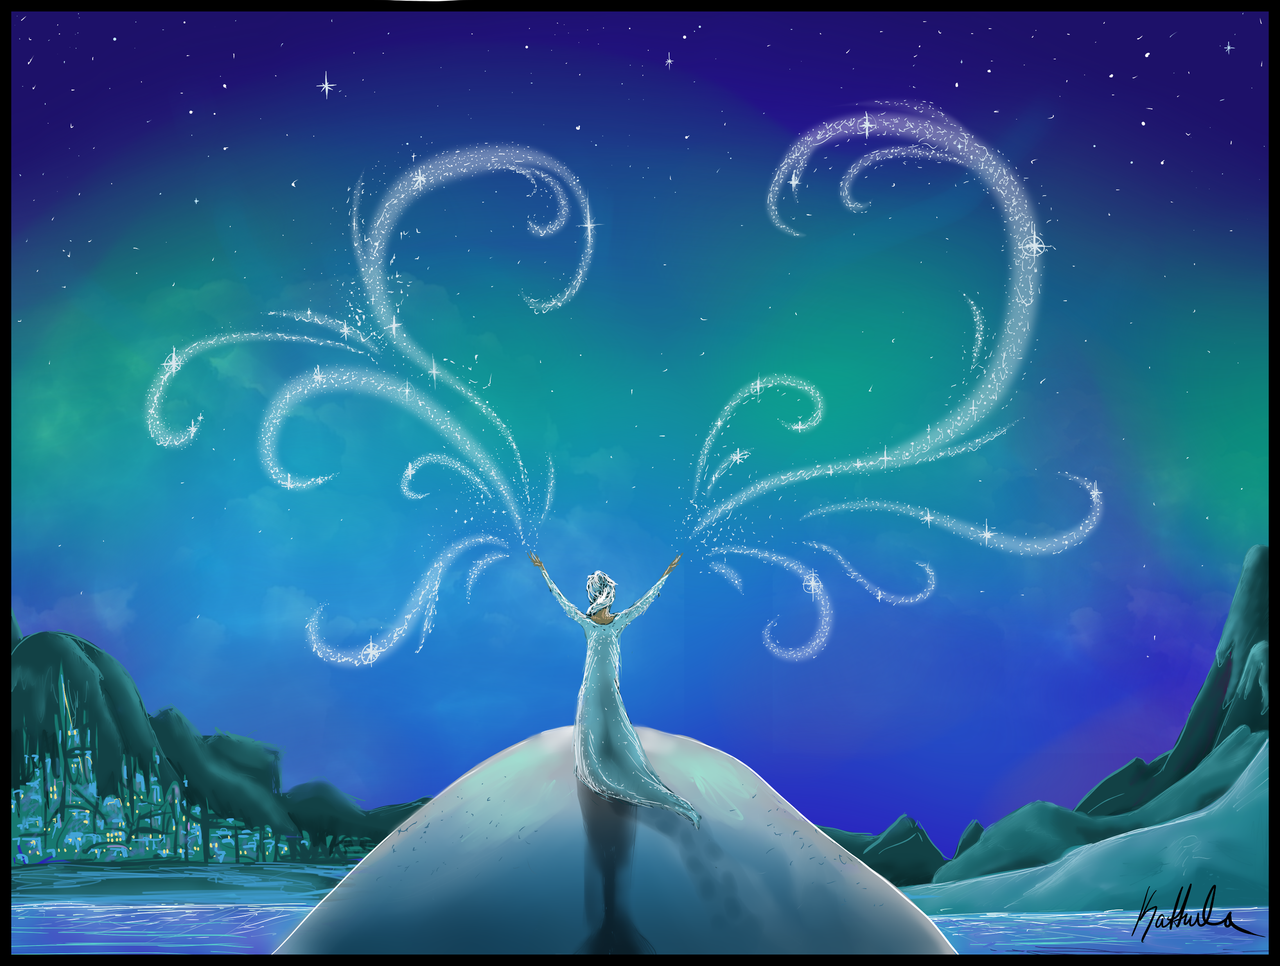 Frozen: Elsa by Kattula